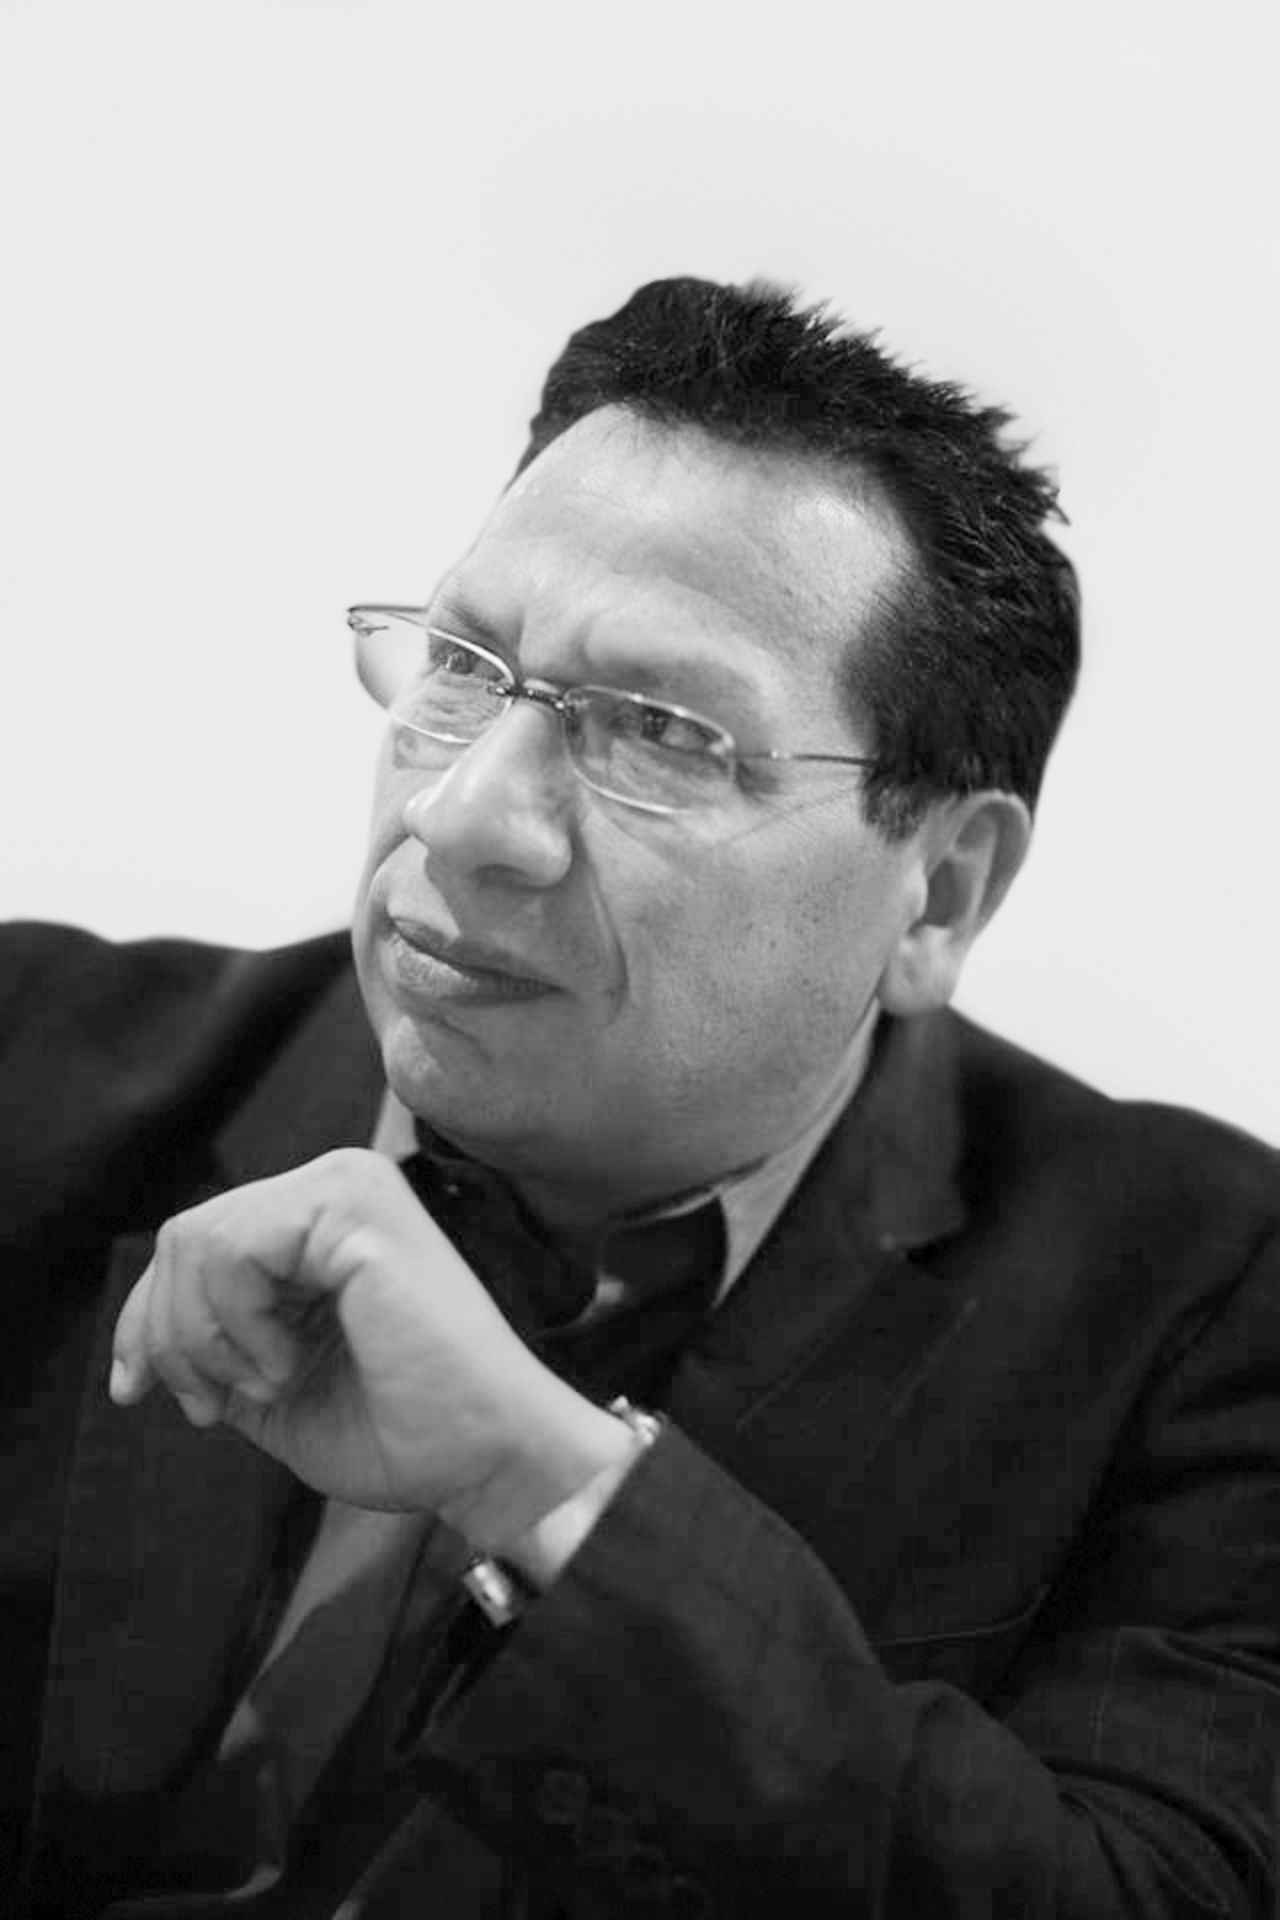 Inquieta a toda la coalición PRI-PAN-PRD el relevo del líder priista